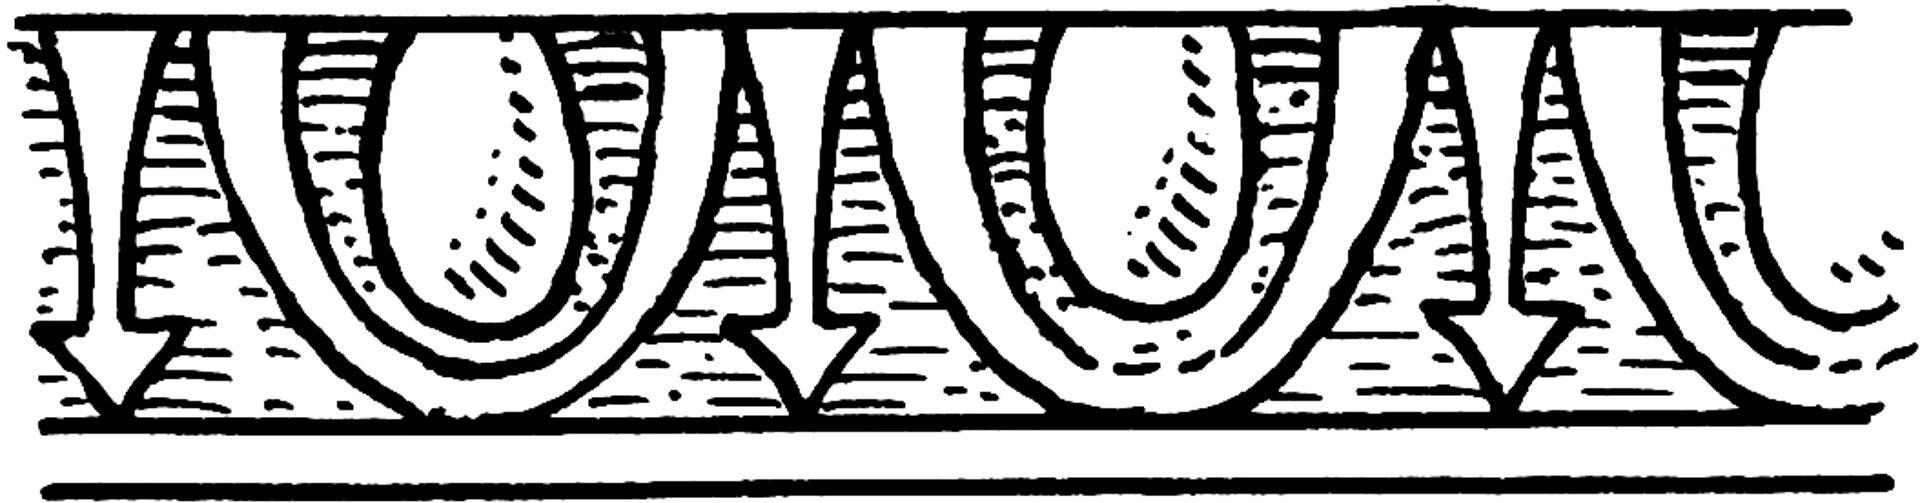 Ilustracja przedstawiająca ornament – kimation joński/wole oczy. Element dekoracyjny naszkicowany jest czarnym kolorem bez wypełenień. Ornament składa się zpowtarzających wzorów tj. strzałka wdół, okręg wokręgu. Wsumie wzór powtarza się tak jeszcze dwa razy.